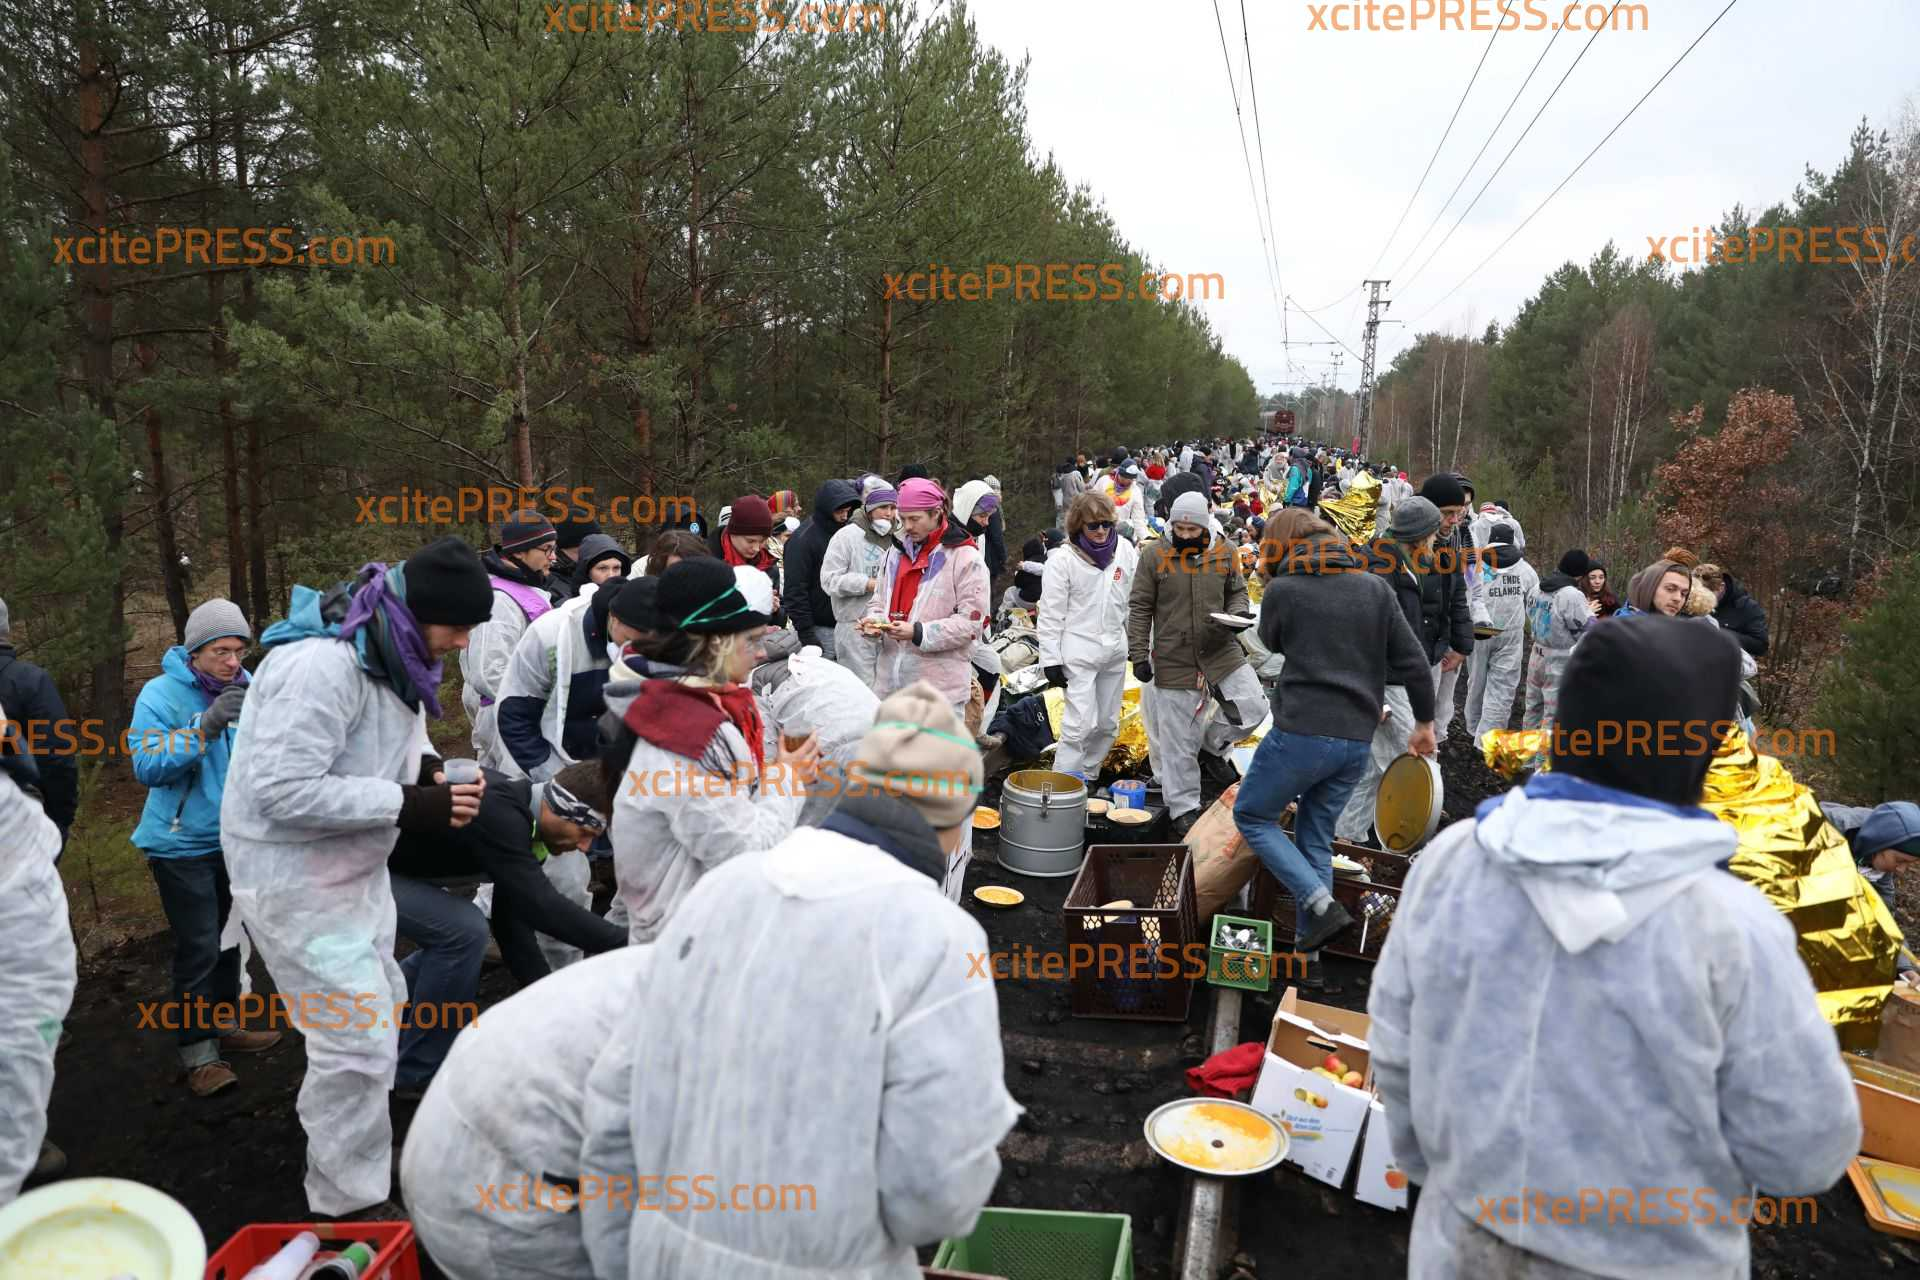 Aktivisten besetzen Gleise bei Jänschwalde - offenbar bereiten sie sich auf lange Nacht vor: 300 Personen seit dem Vormittag noch immer vor Ort